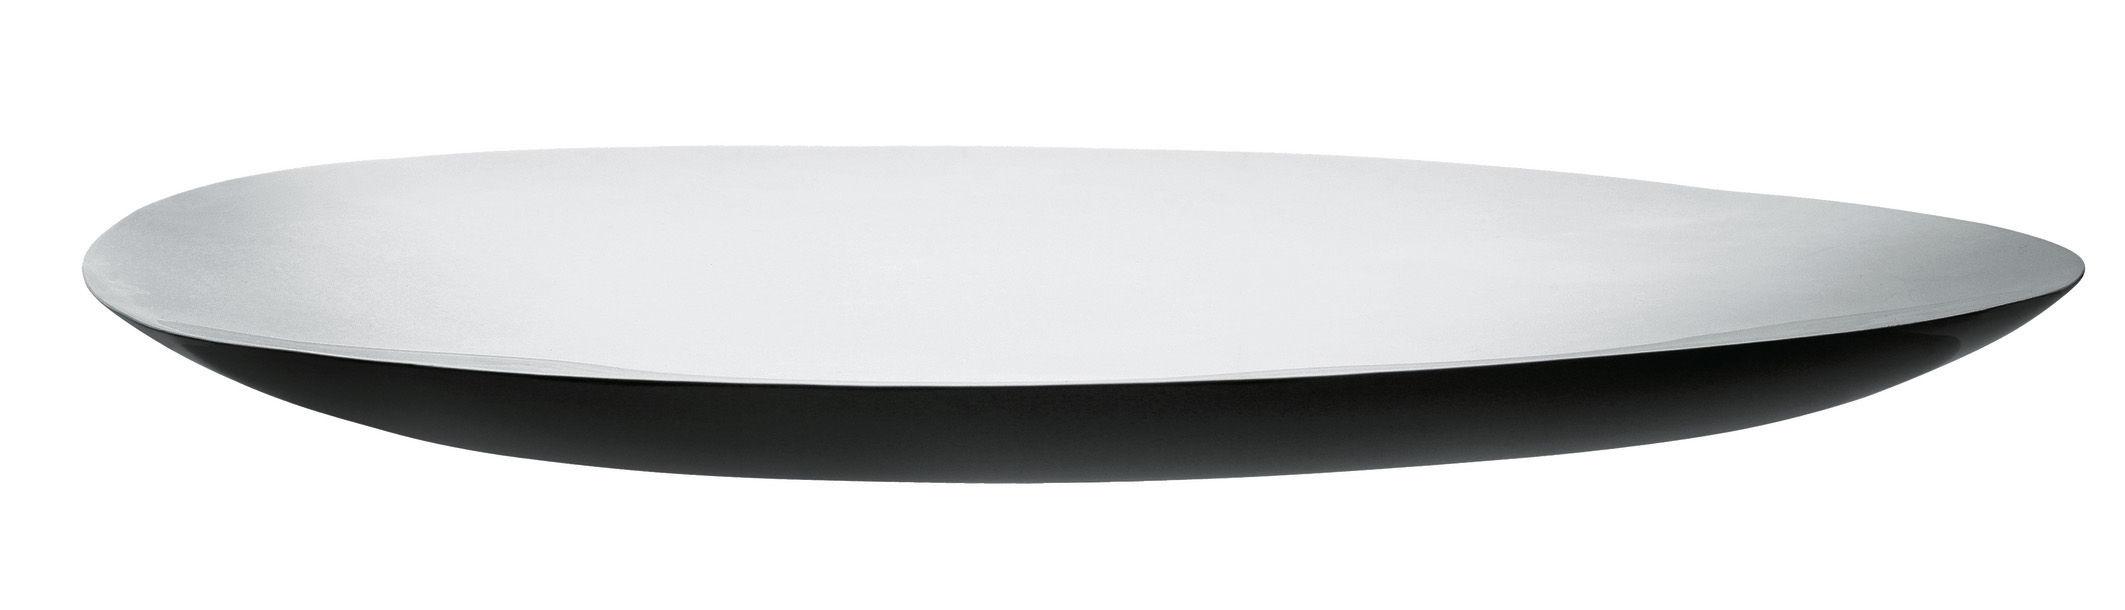 Tavola - Vassoi  - Piano/vassoio Disco Volante di Alessi - Acciaio - Acciaio inossidabile